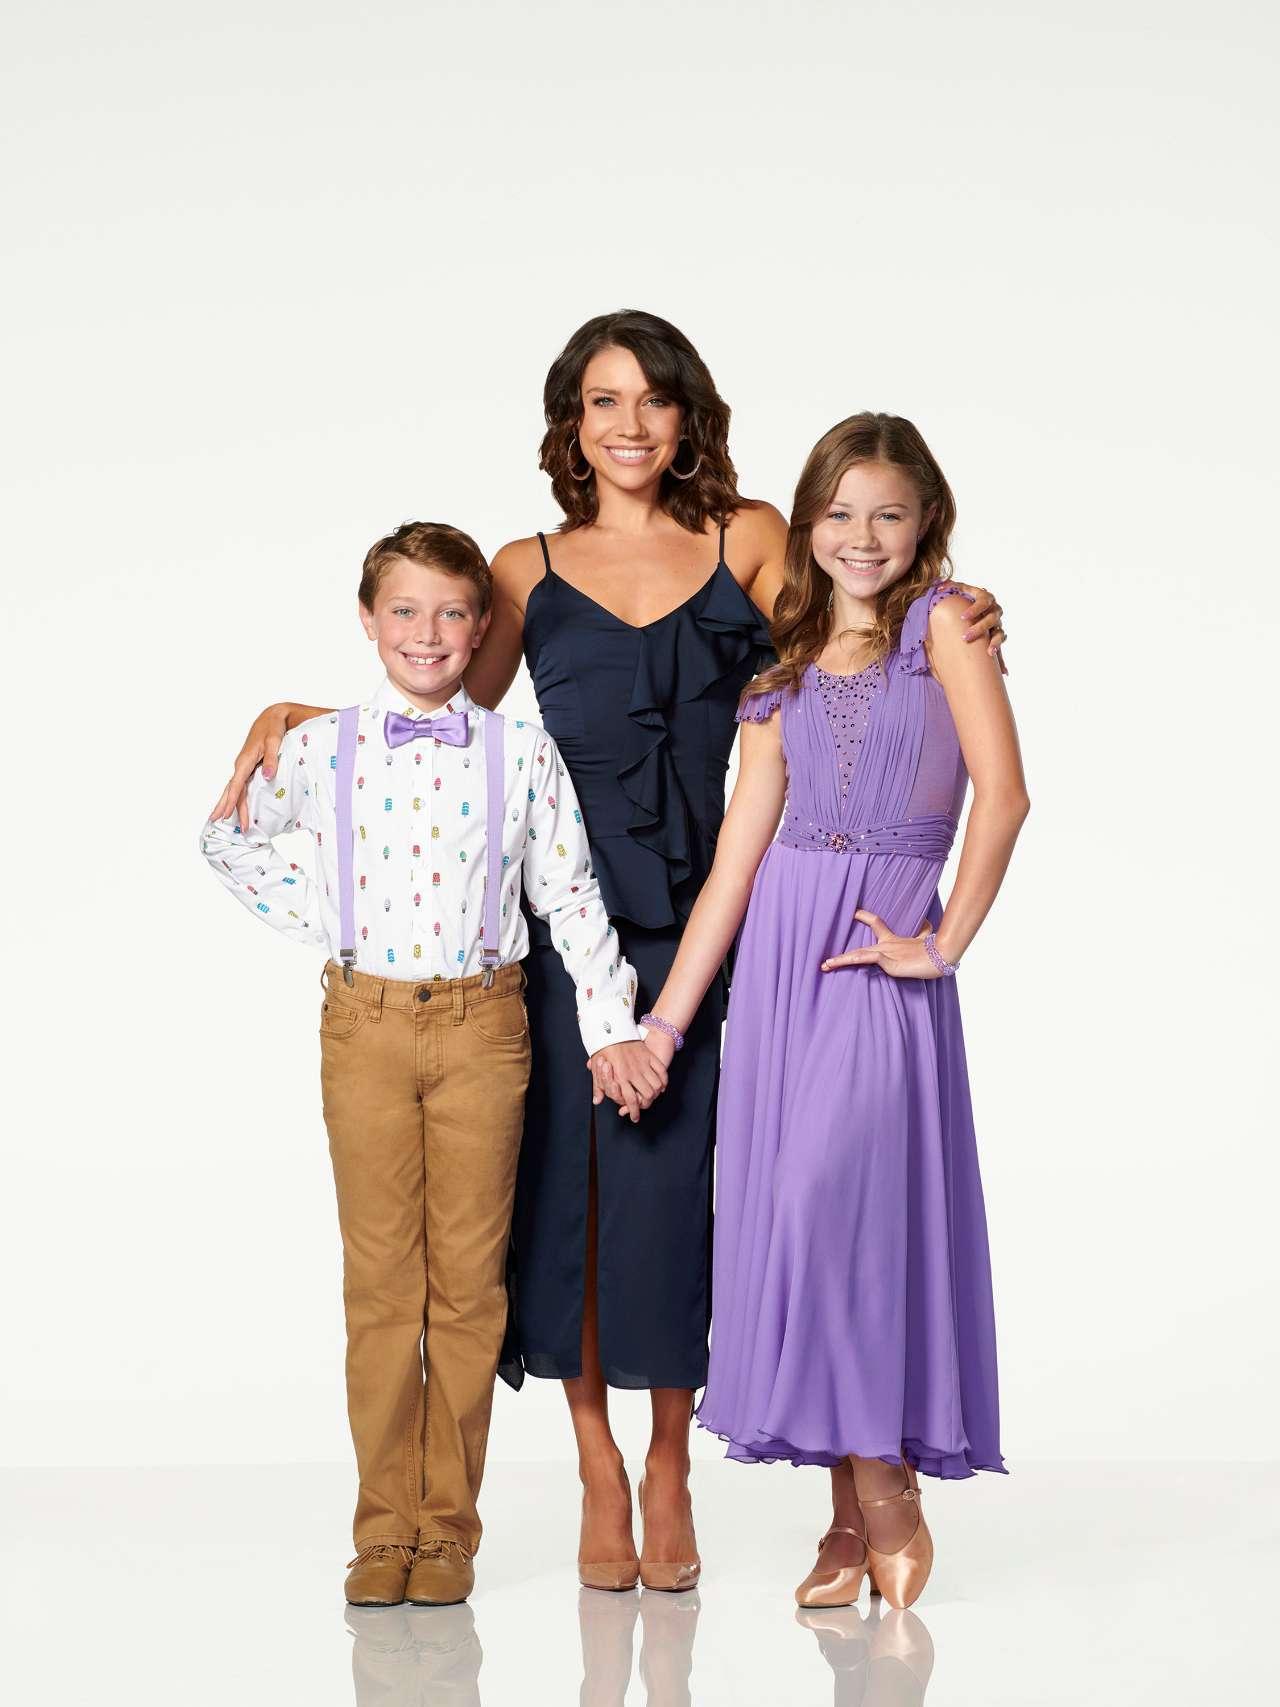 DWTS Juniors Tripp Palin